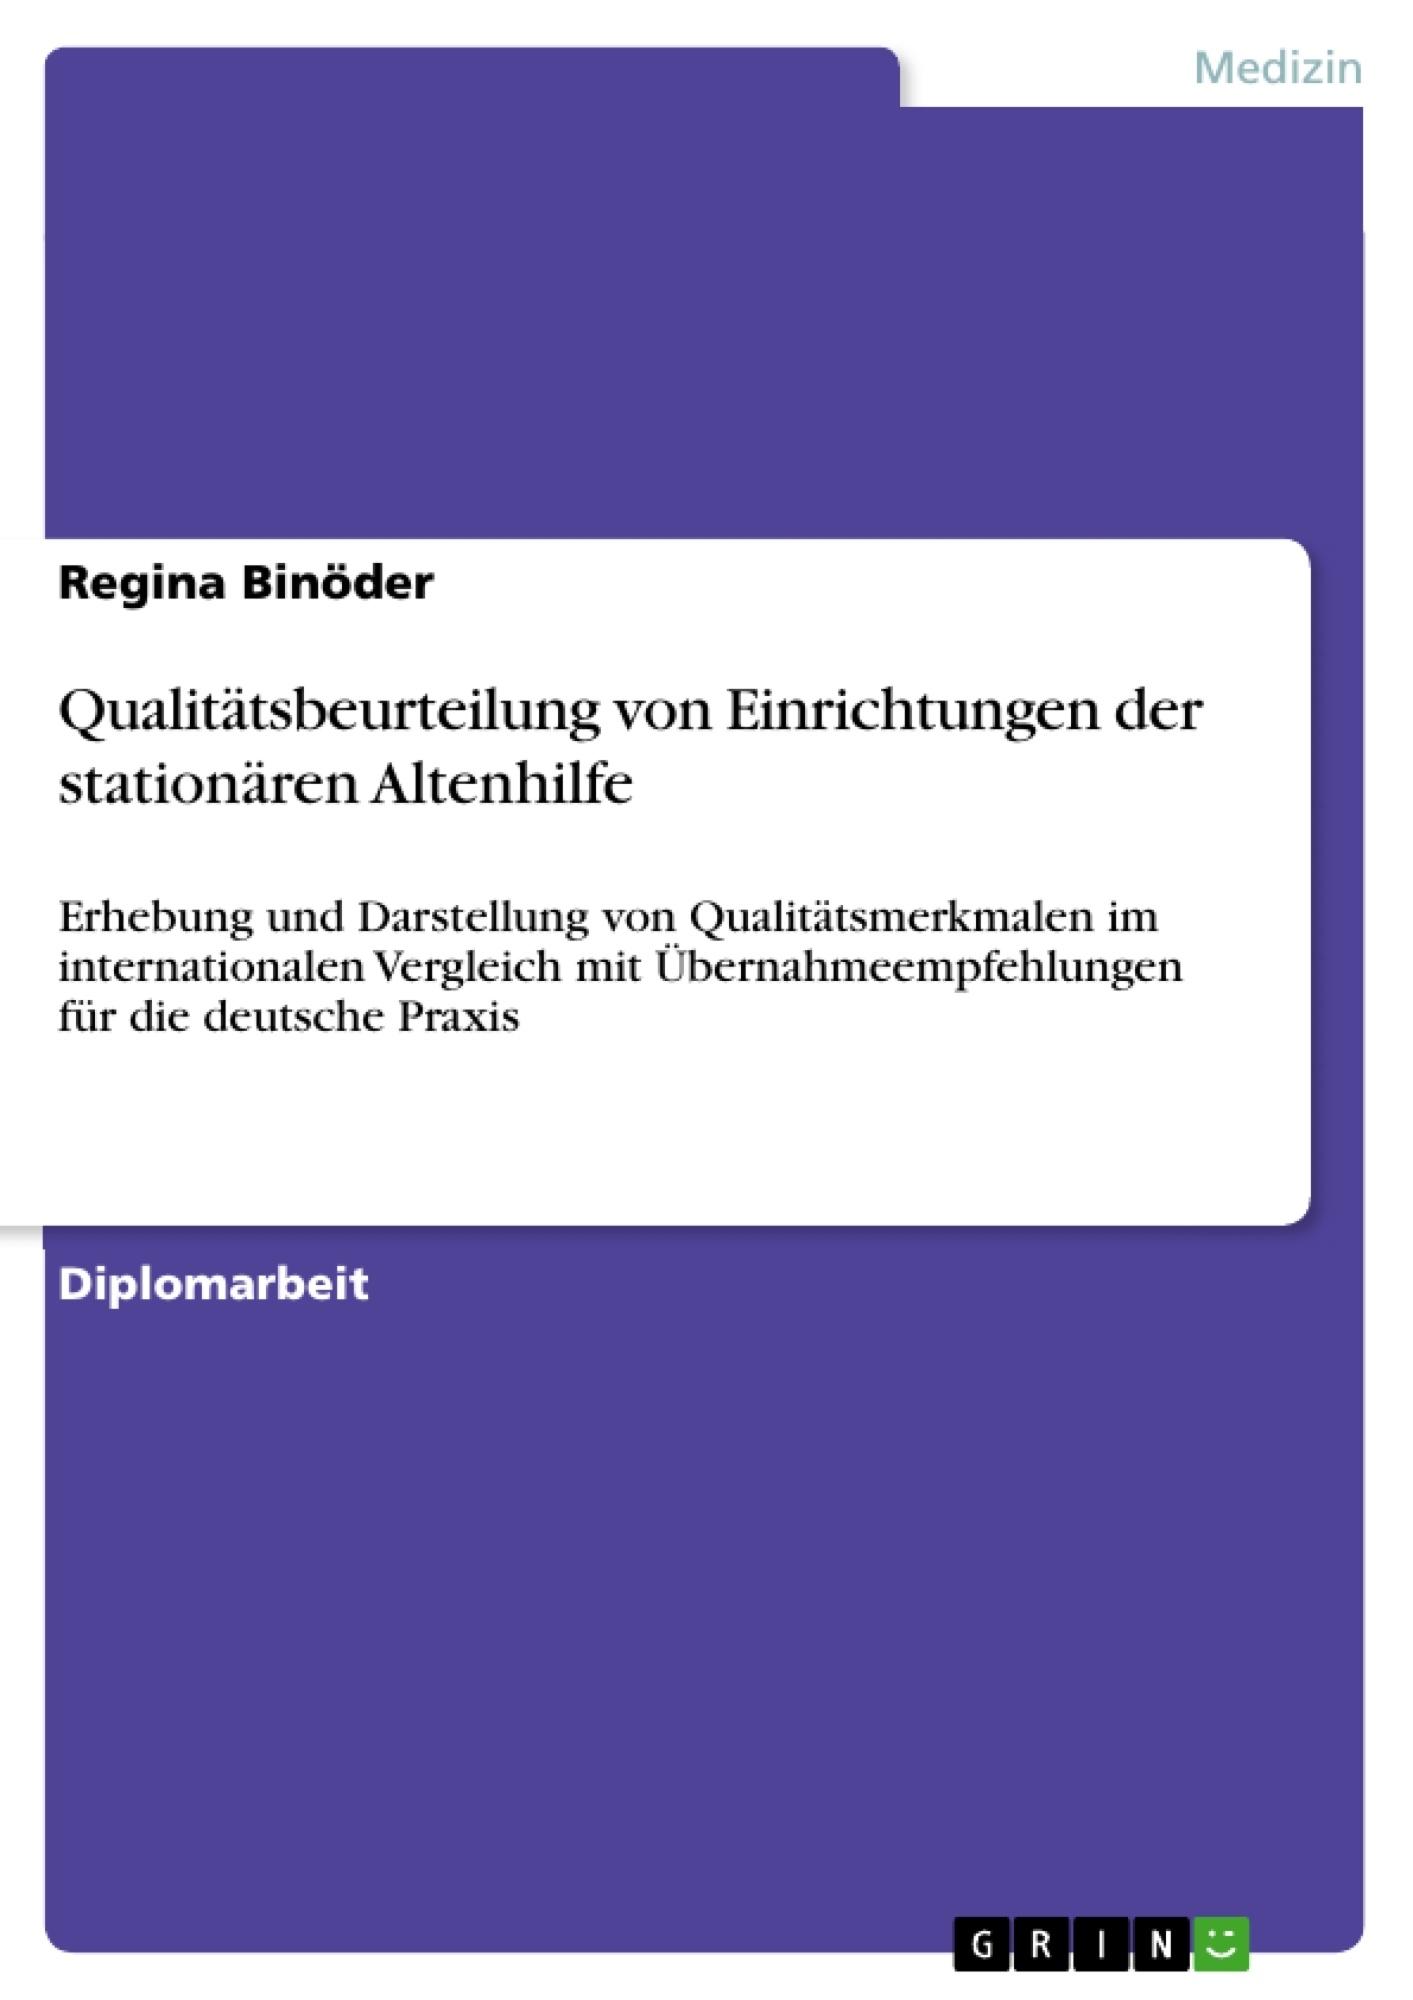 Titel: Qualitätsbeurteilung von Einrichtungen der stationären Altenhilfe